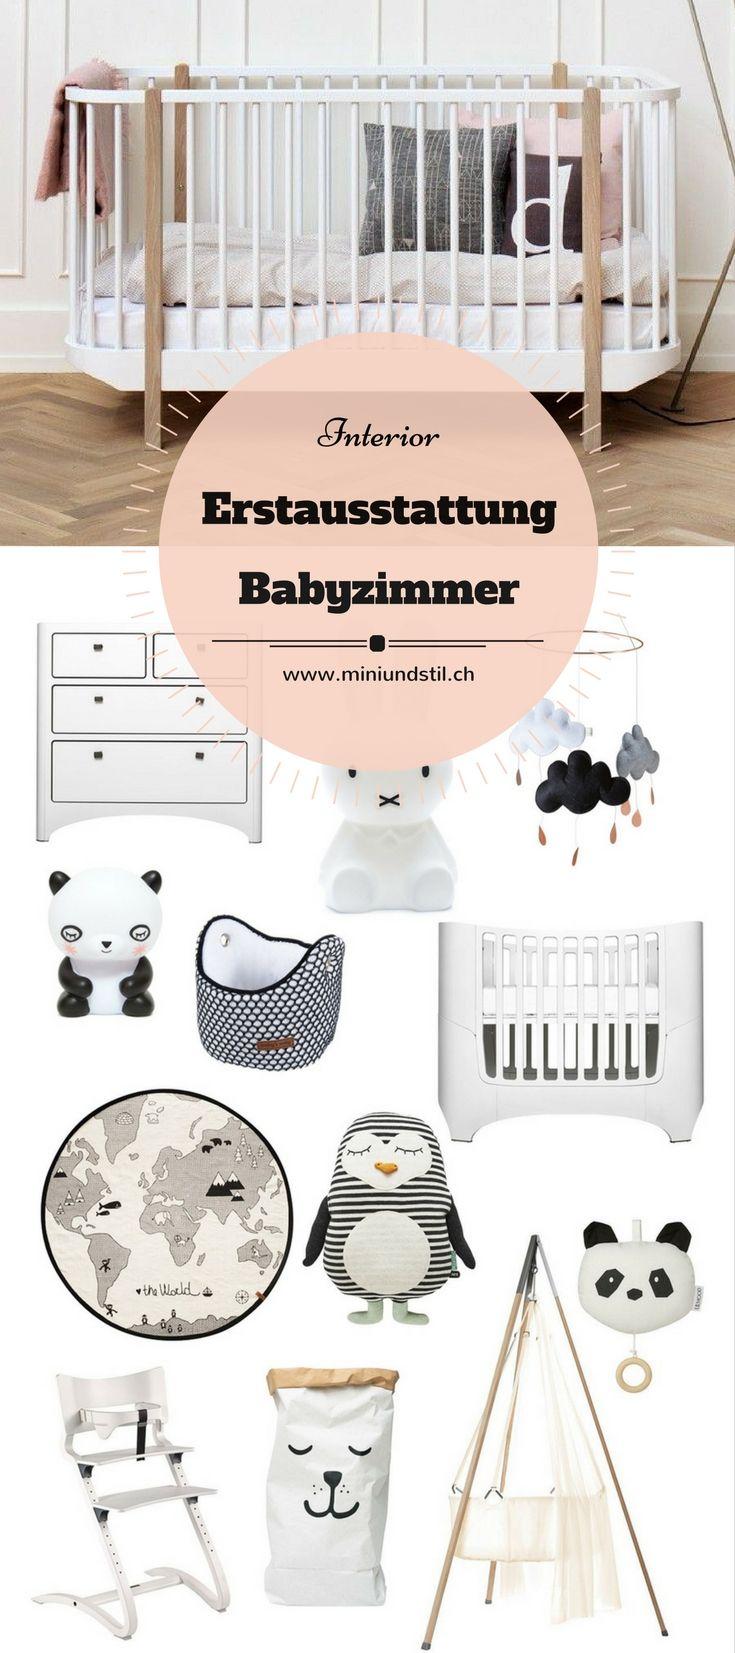 Fabulous Erstausstattung f rs Babyzimmer Erstausstattung Baby Checkliste Kinderzimmer einrichten Inspiration Einrichtung Dekoration